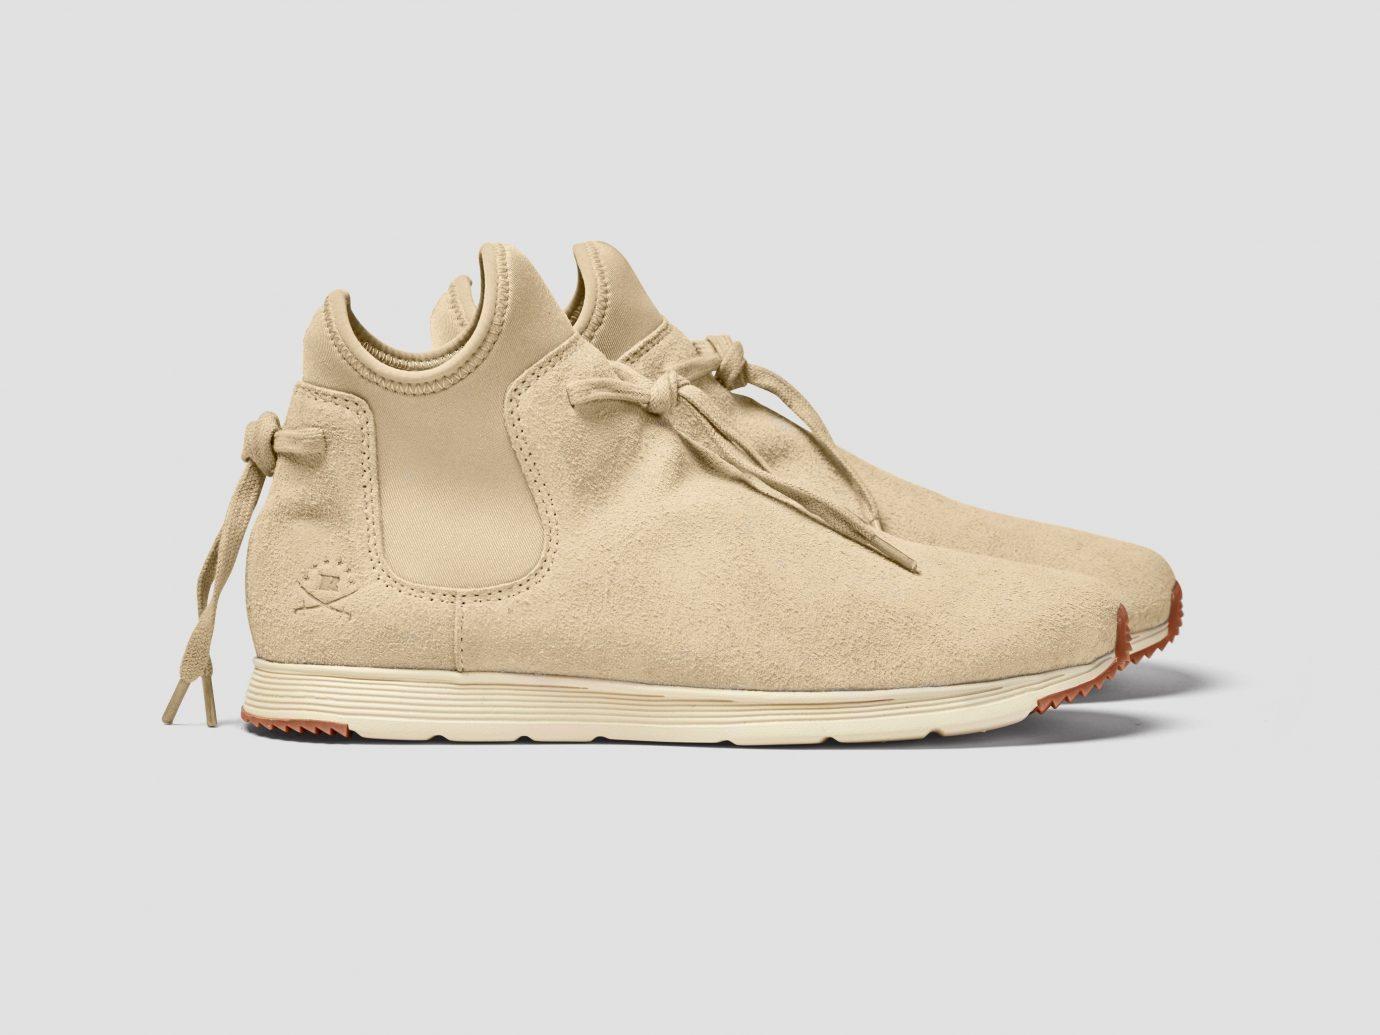 Style + Design footwear shoe brown sneakers leather walking shoe beige textile outdoor shoe